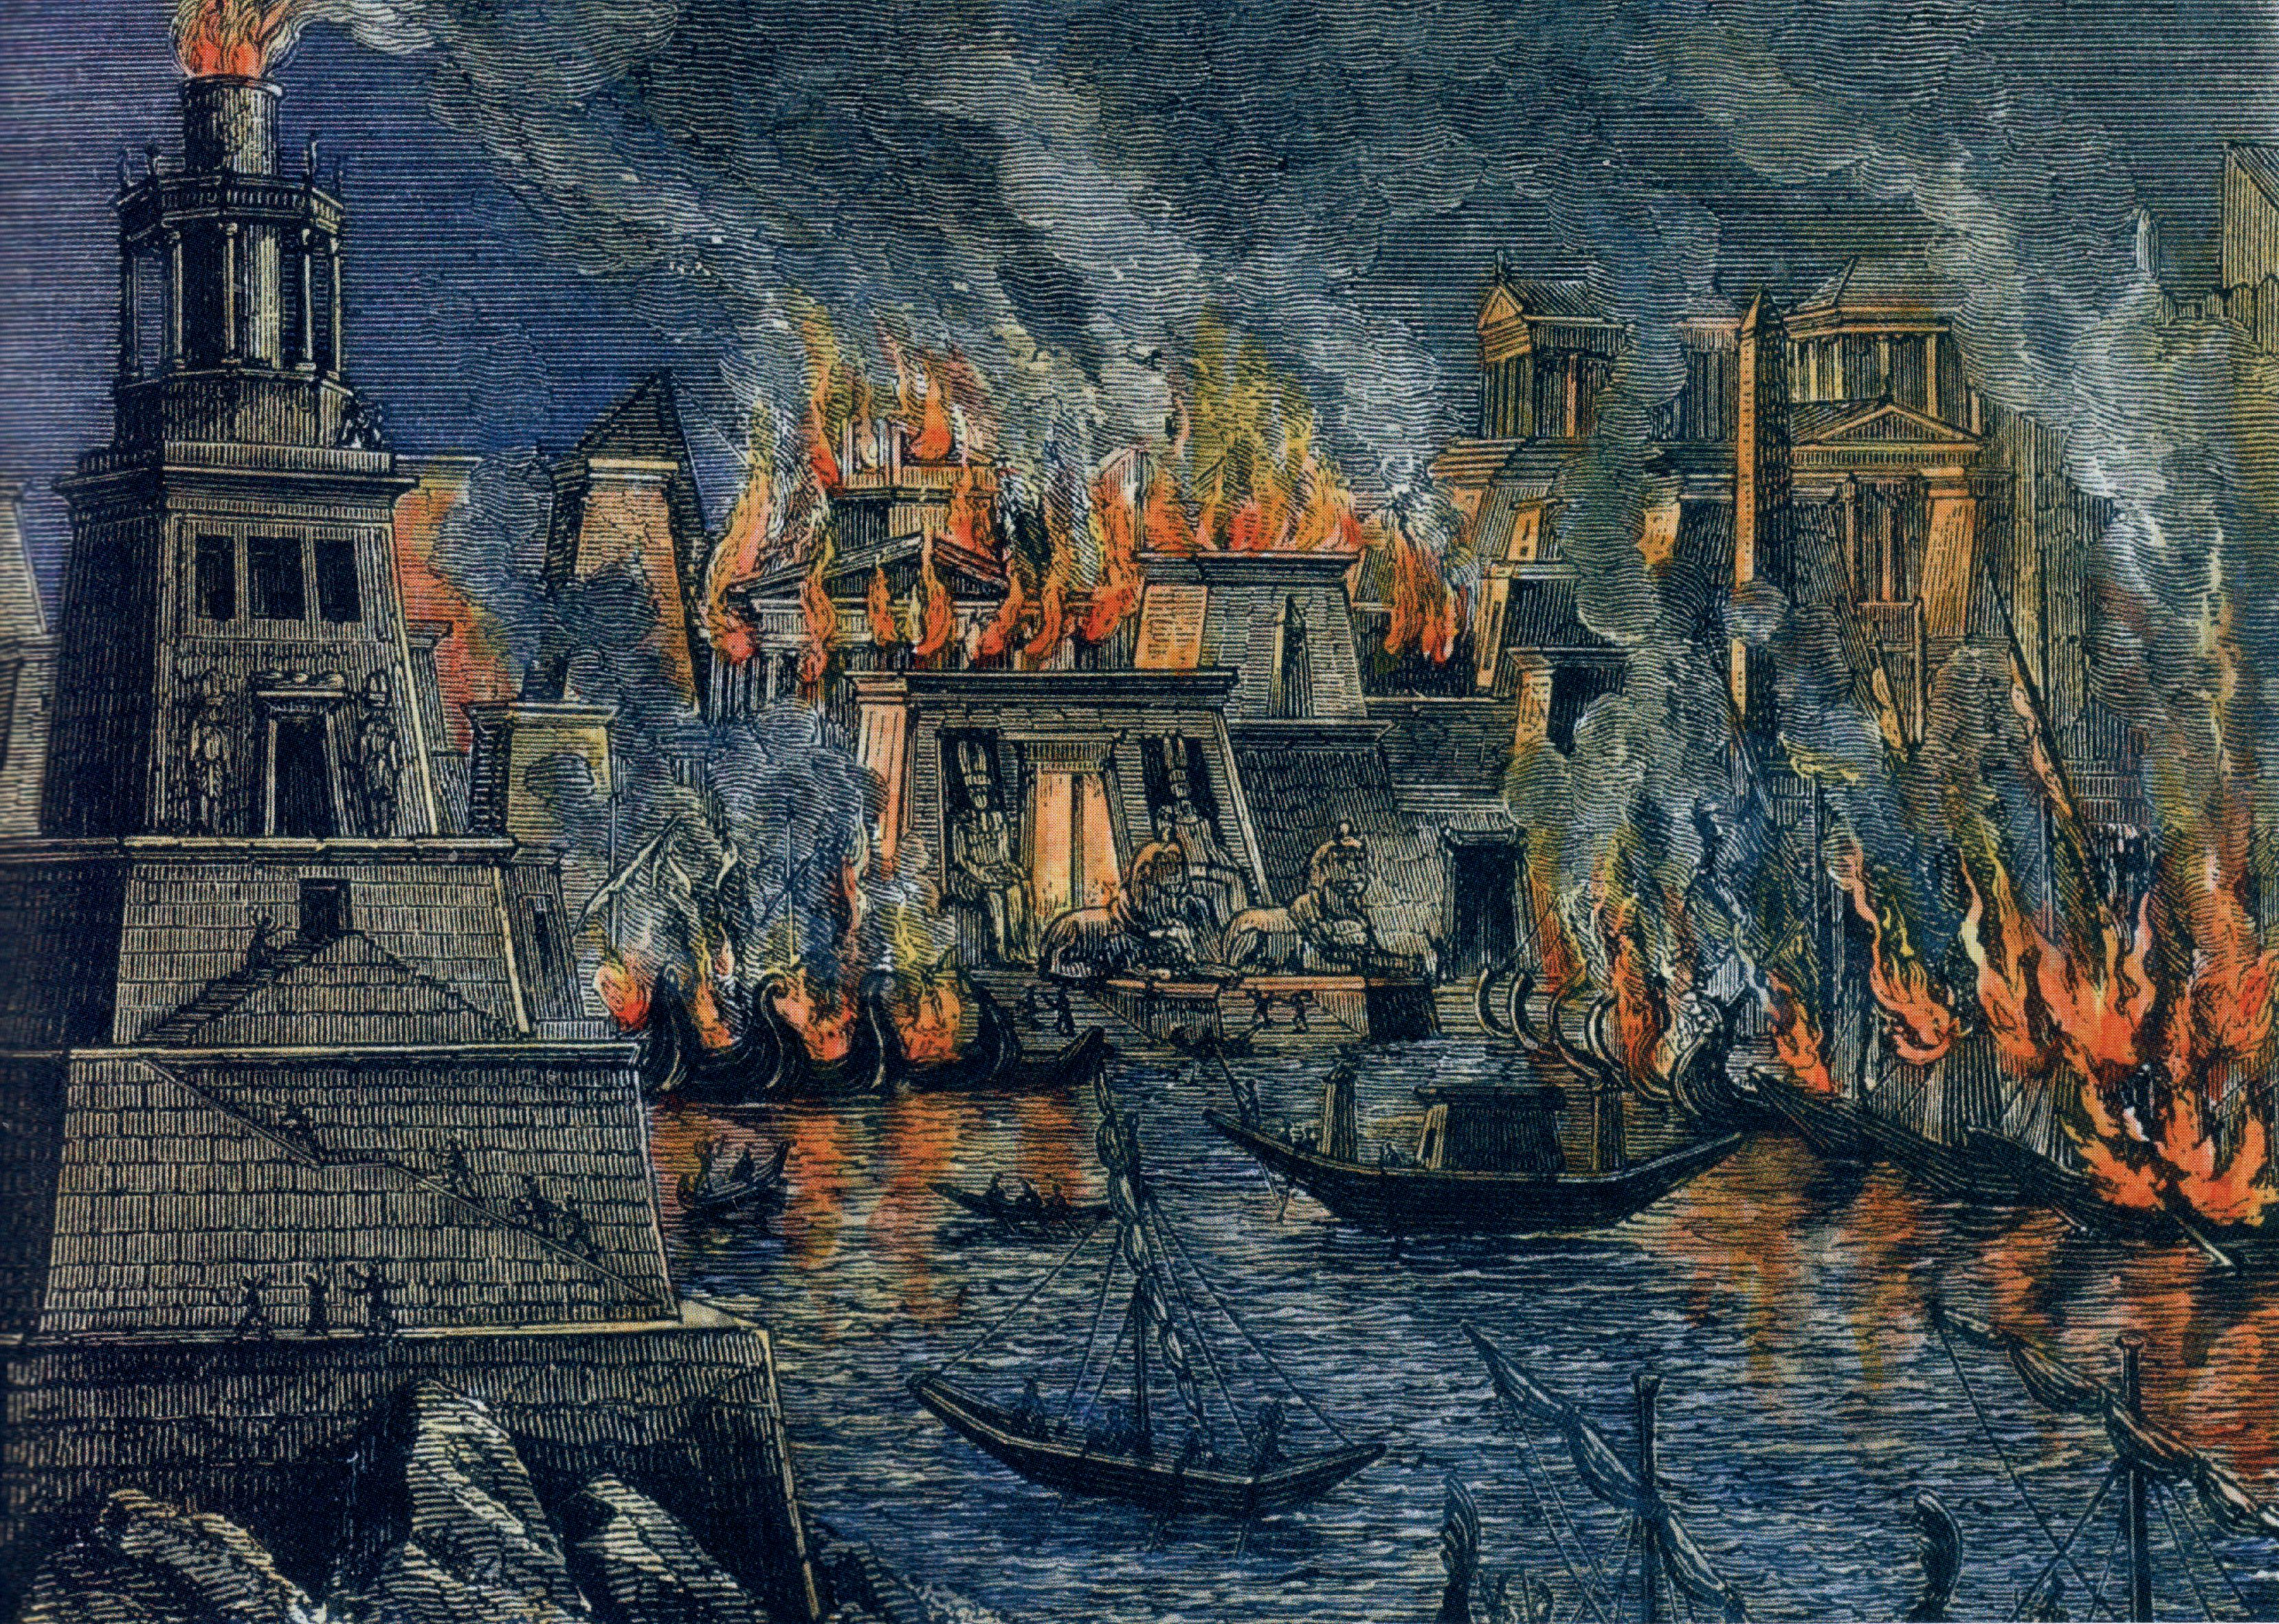 Resultado de imagem para alexandria library burning